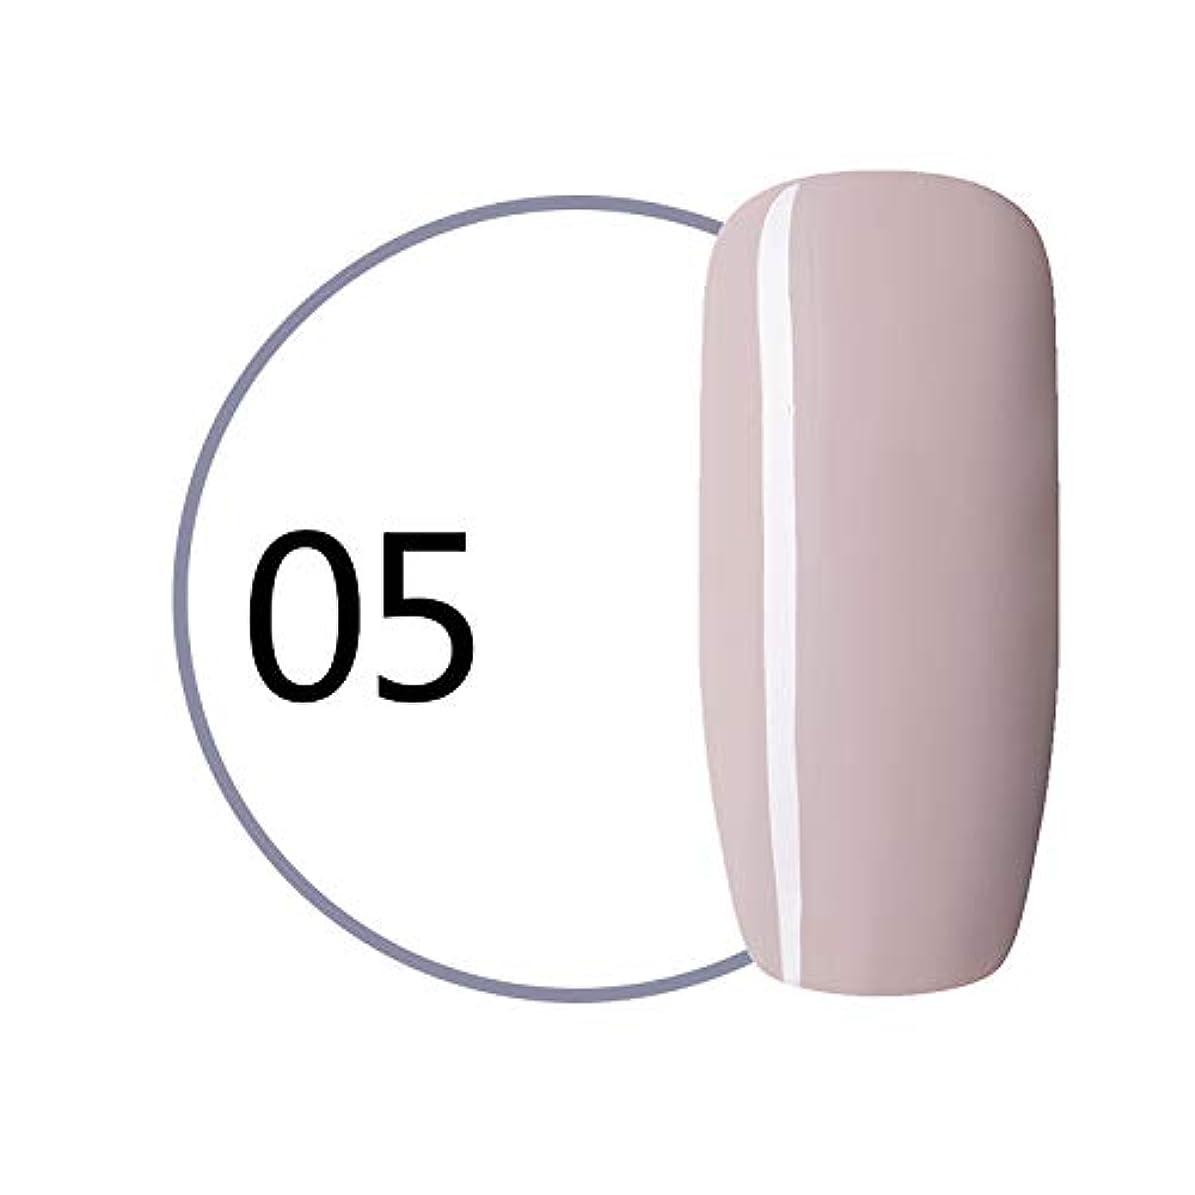 氏ご注意請負業者Symboat マニキュア ソークオフ UV LED ネイルジェルポリッシュ ワイングレーシリーズ ネイル用品 女優 人気 初心者にも対応 安全 無毒